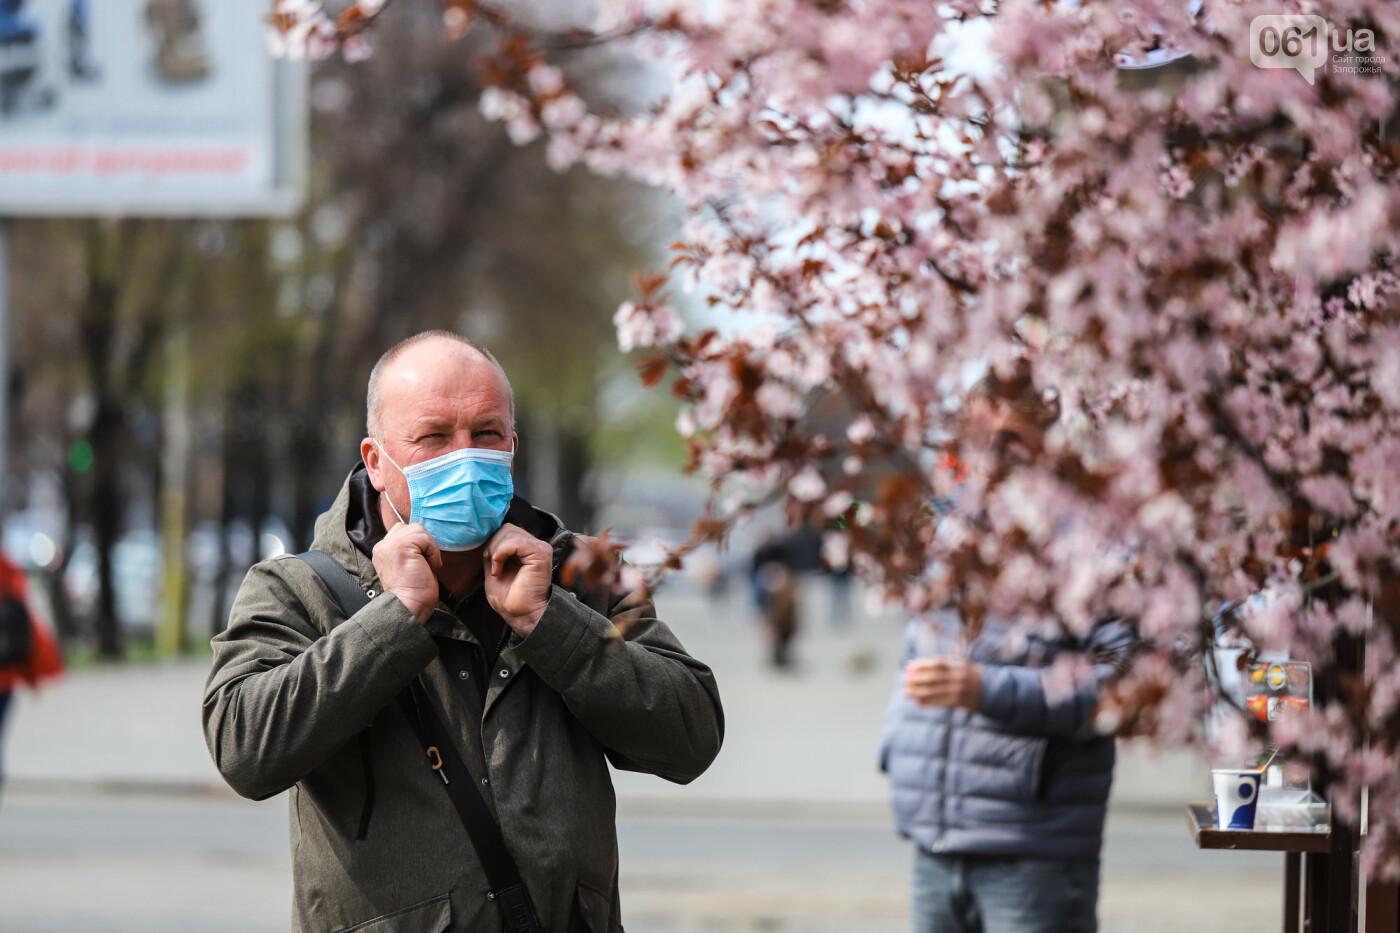 Вход только в масках: как выглядит Запорожье на карантине, - ФОТОРЕПОРТАЖ, фото-13